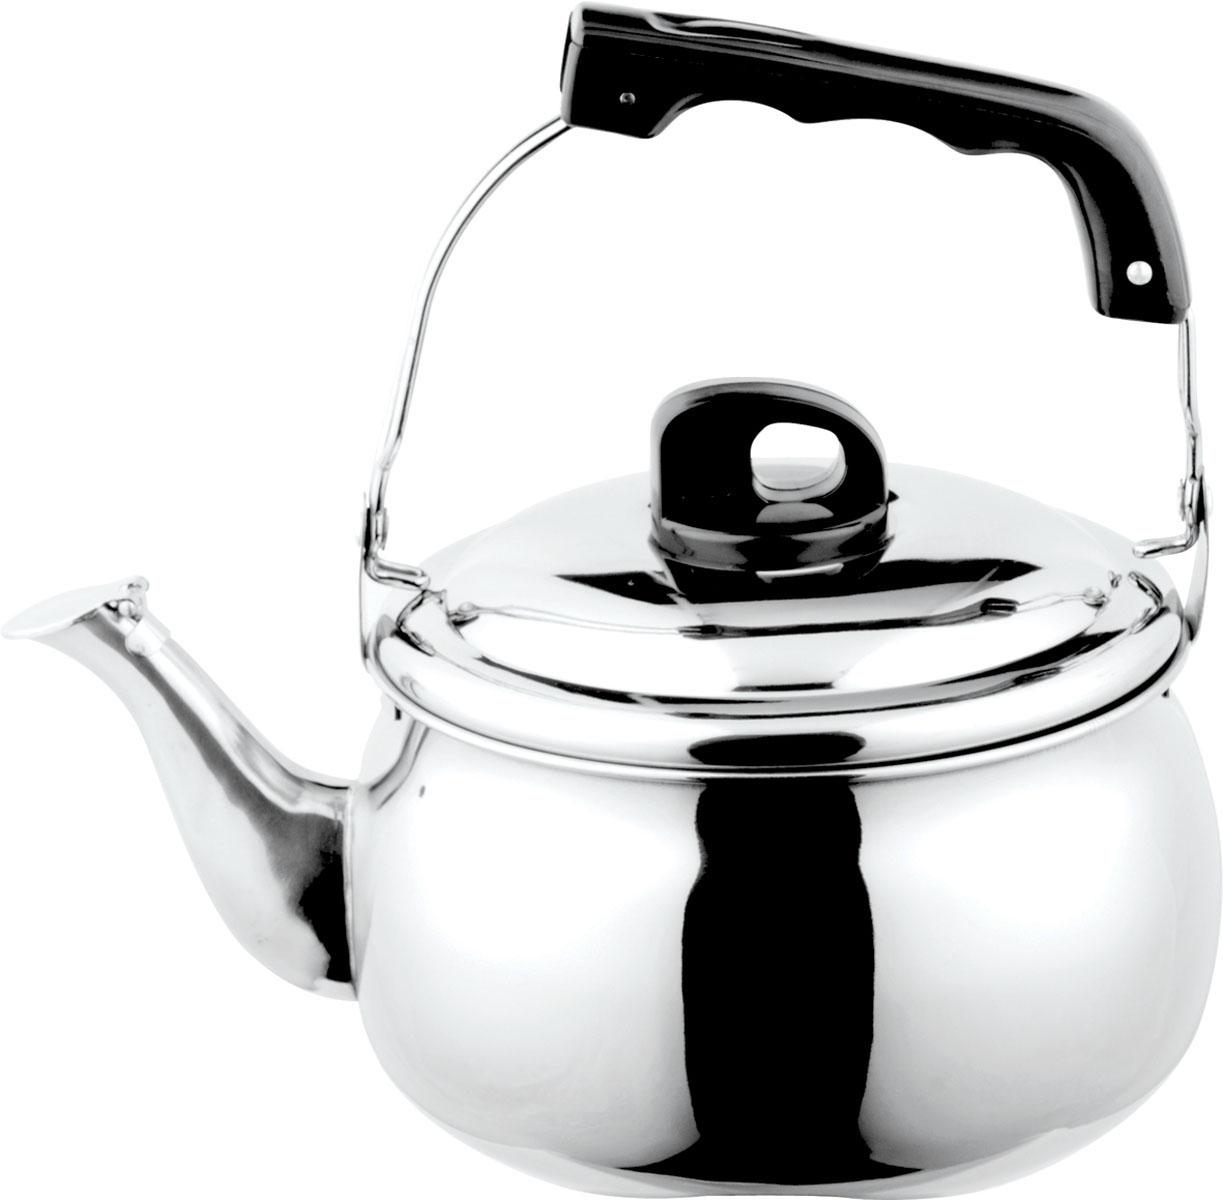 Чайник Bekker, со свистком, 5 лBK-S516Чайник Bekker выполнен из высококачественной нержавеющей стали, что обеспечивает долговечность использования. Внешнее зеркальное покрытие придает приятный внешний вид. Бакелитовая ручка делает использование чайника очень удобным и безопасным. Цельнометаллическое дно способствует равномерному распространению тепла. Чайник снабжен свистком. Можно мыть в посудомоечной машине. Пригоден для всех видов плит, включая индукционные.